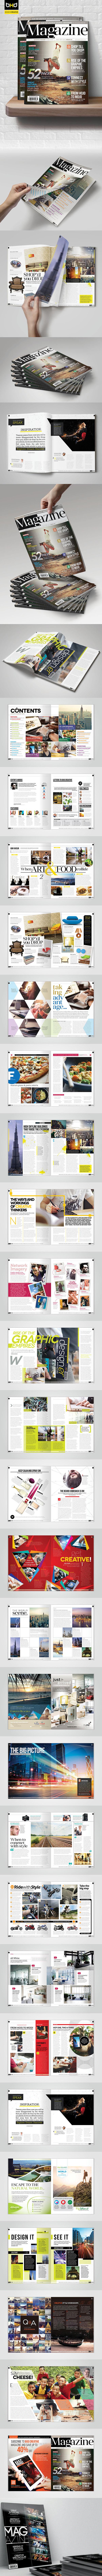 有獨特感的40套indesign排版範例欣賞